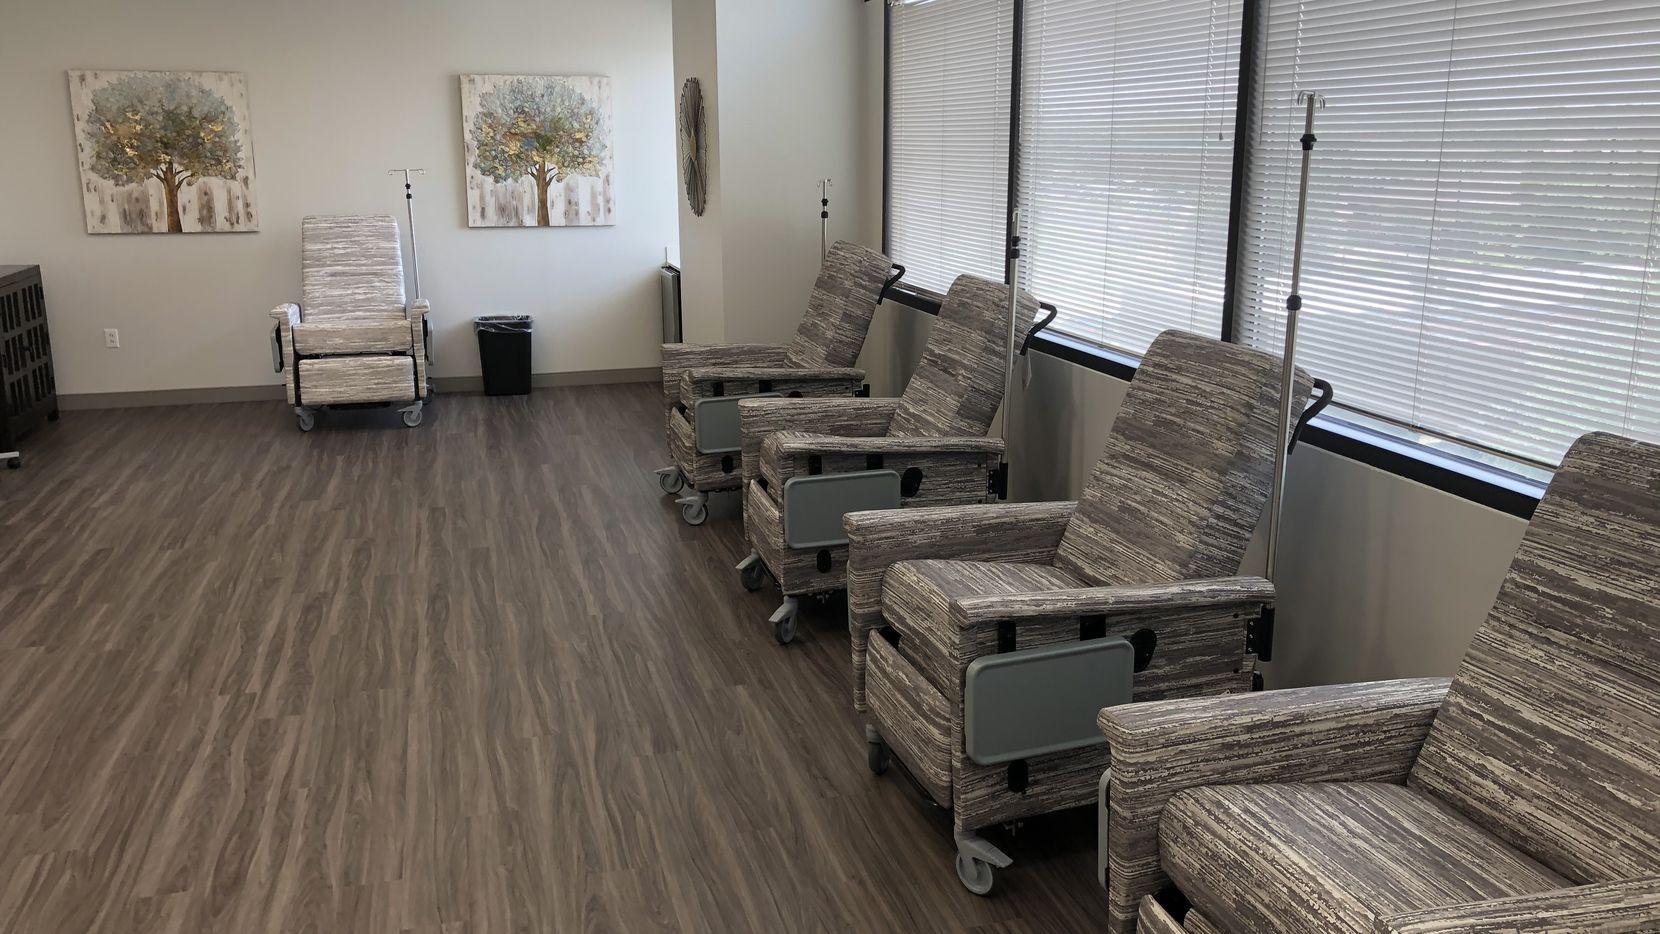 La División de Manejo de Emergencias de Texas abrió un centro de recibir tratamiento de infusión con anticuerpos monoclonales de Regeneron en Fort Worth. Más de estos centros están abriendo en el Norte de Texas para tratar a pacientes de covid-19 potencialmente más vulnerables.